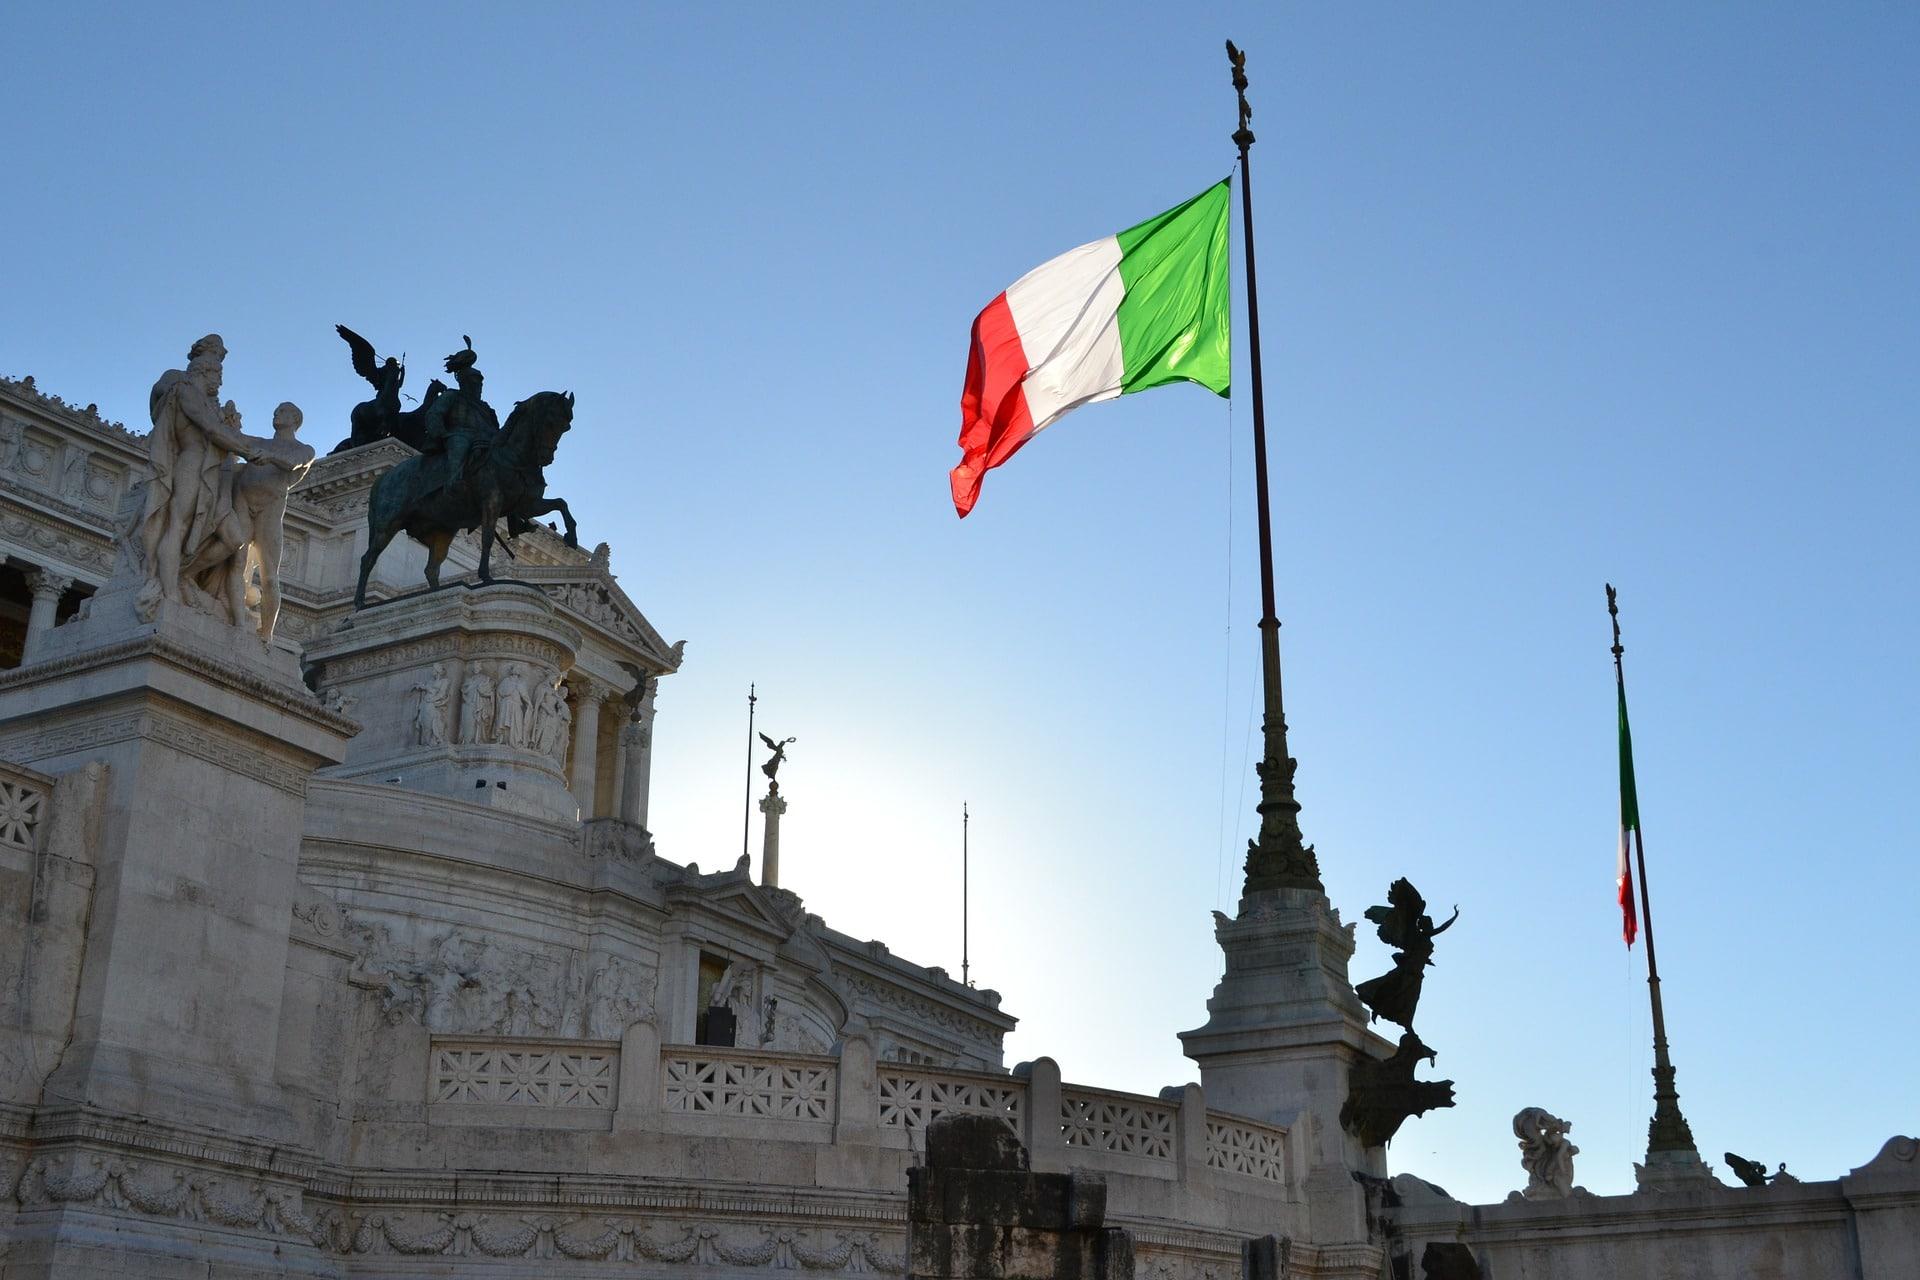 ONDE RECONHECER A CIDADANIA ITALIANA: NO BRASIL OU ITÁLIA?